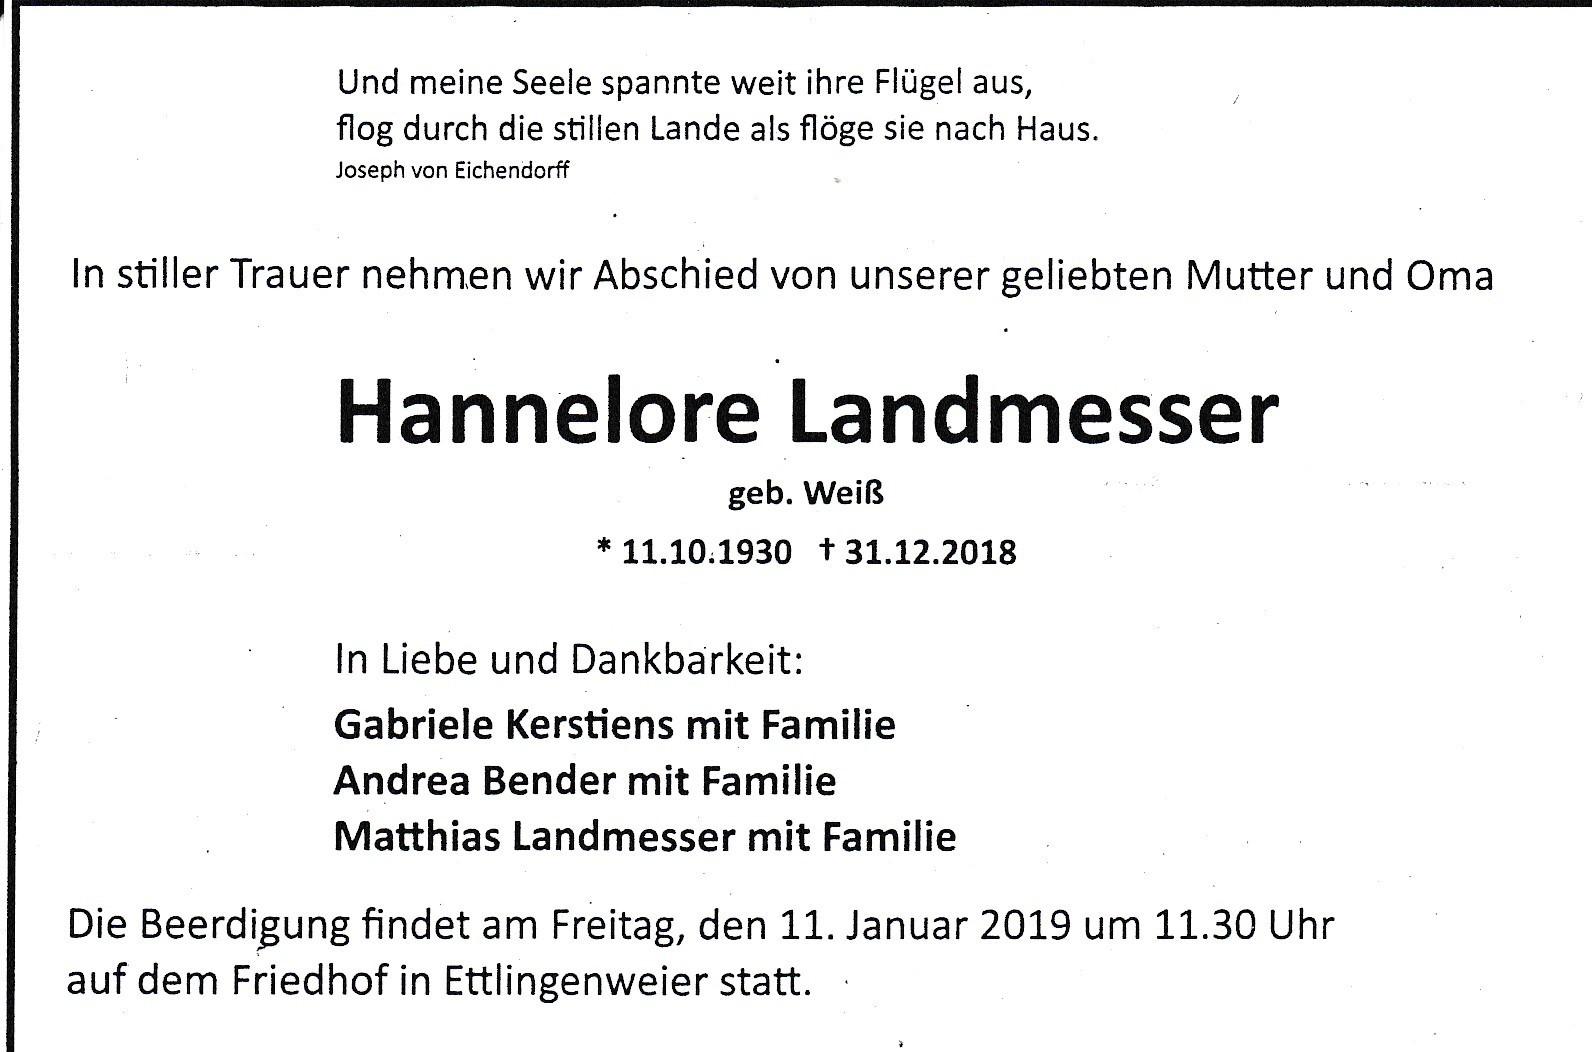 Hannelore Landmesser Seniorenbeirat Telekom